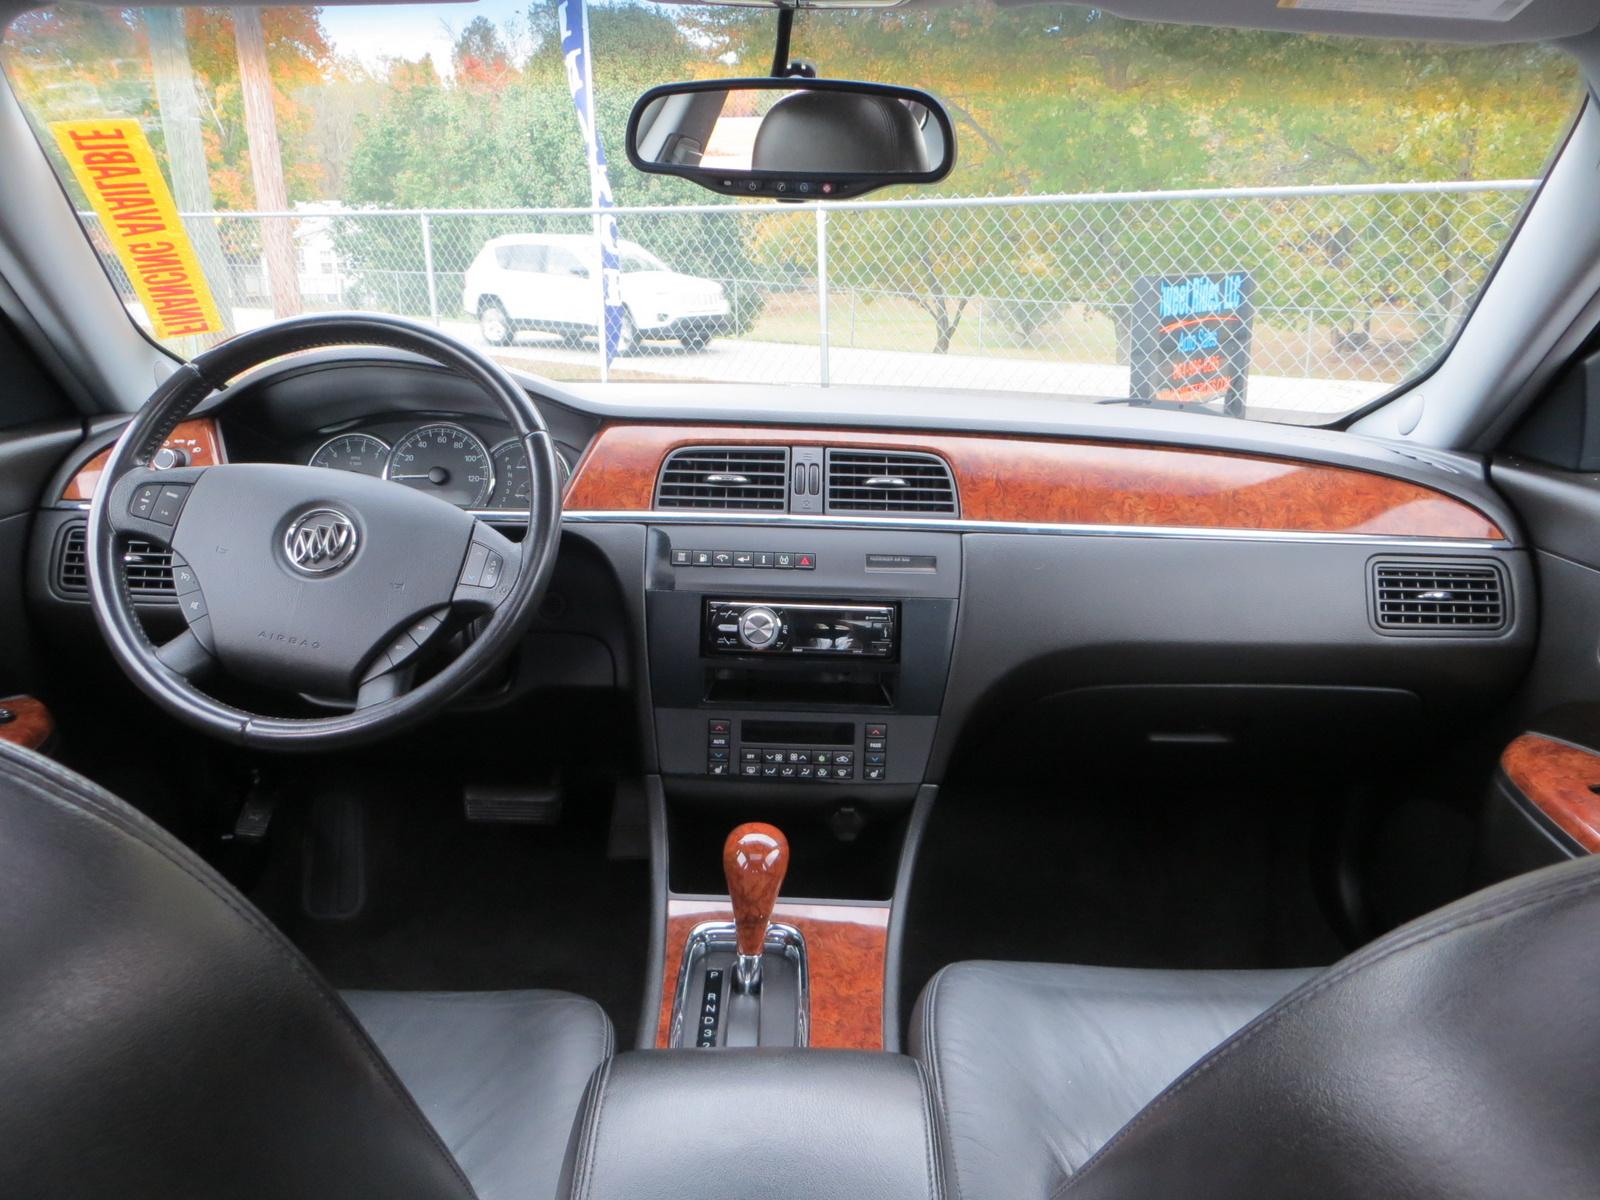 2005 Buick LaCrosse - Pictures - CarGurus